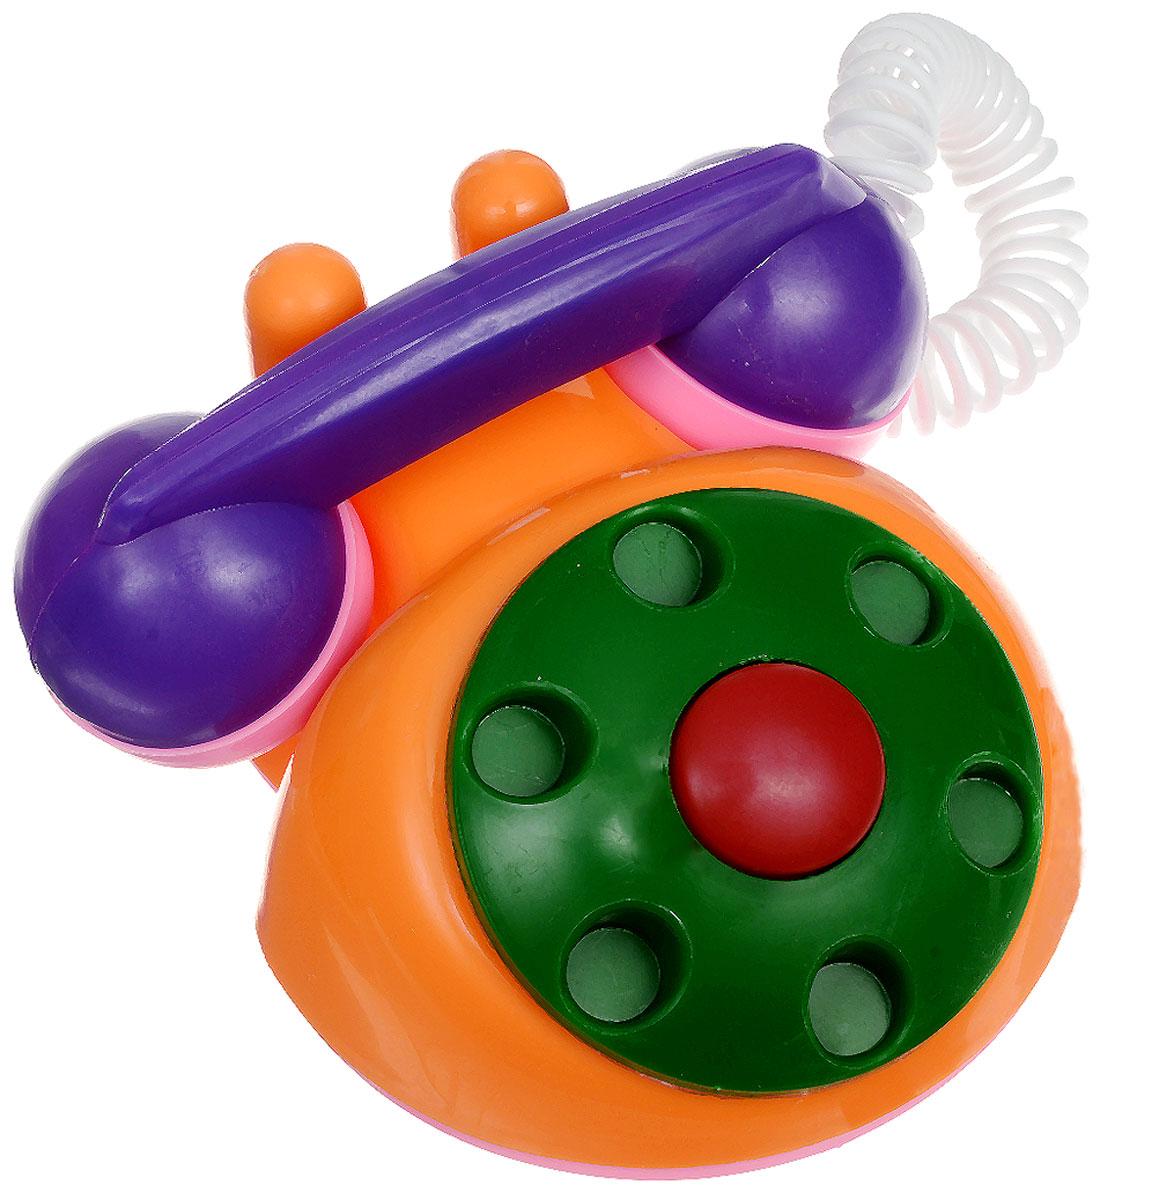 Аэлита Детский телефон цвет оранжевый зеленый2С454_оранжевый, зеленыйЯркий детский телефон Аэлита не оставит вашего малыша равнодушным и не позволит ему скучать! Игрушка представляет собой старинный дисковый аппарат с пружинным проводом, идущим к трубке. Небольшая трубка очень удобна по размерам для детских ручек. Диск крутится с мелодичным звоном, пружинный провод легко растягивается и собирается обратно. Яркие цвета игрушки направлены на развитие мыслительной деятельности, цветового восприятия, тактильных ощущений и мелкой моторики рук ребенка, а элемент набора номера на телефоне способствует развитию слуха.